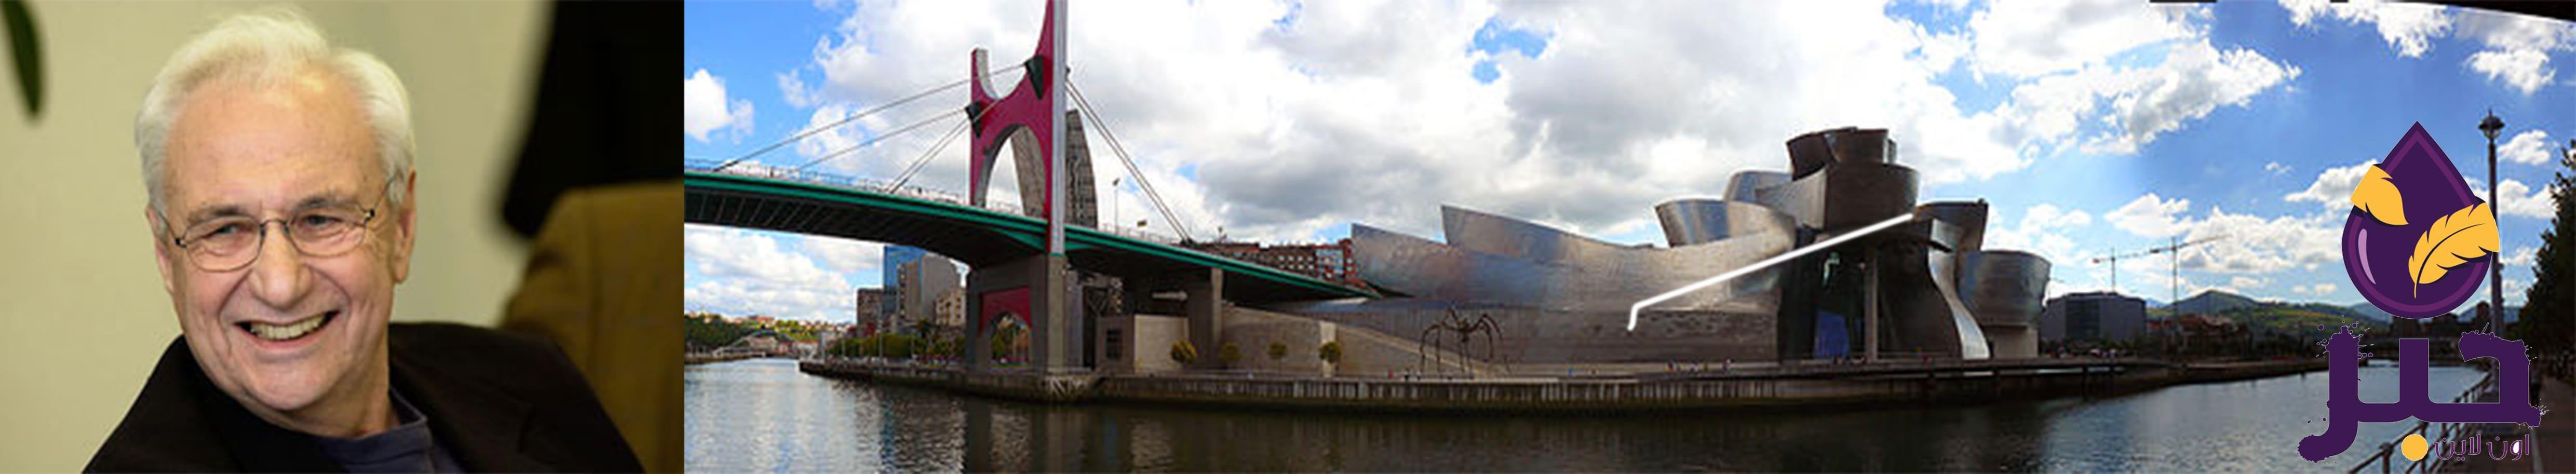 متحف غوغنهايم - حبر أون لاين